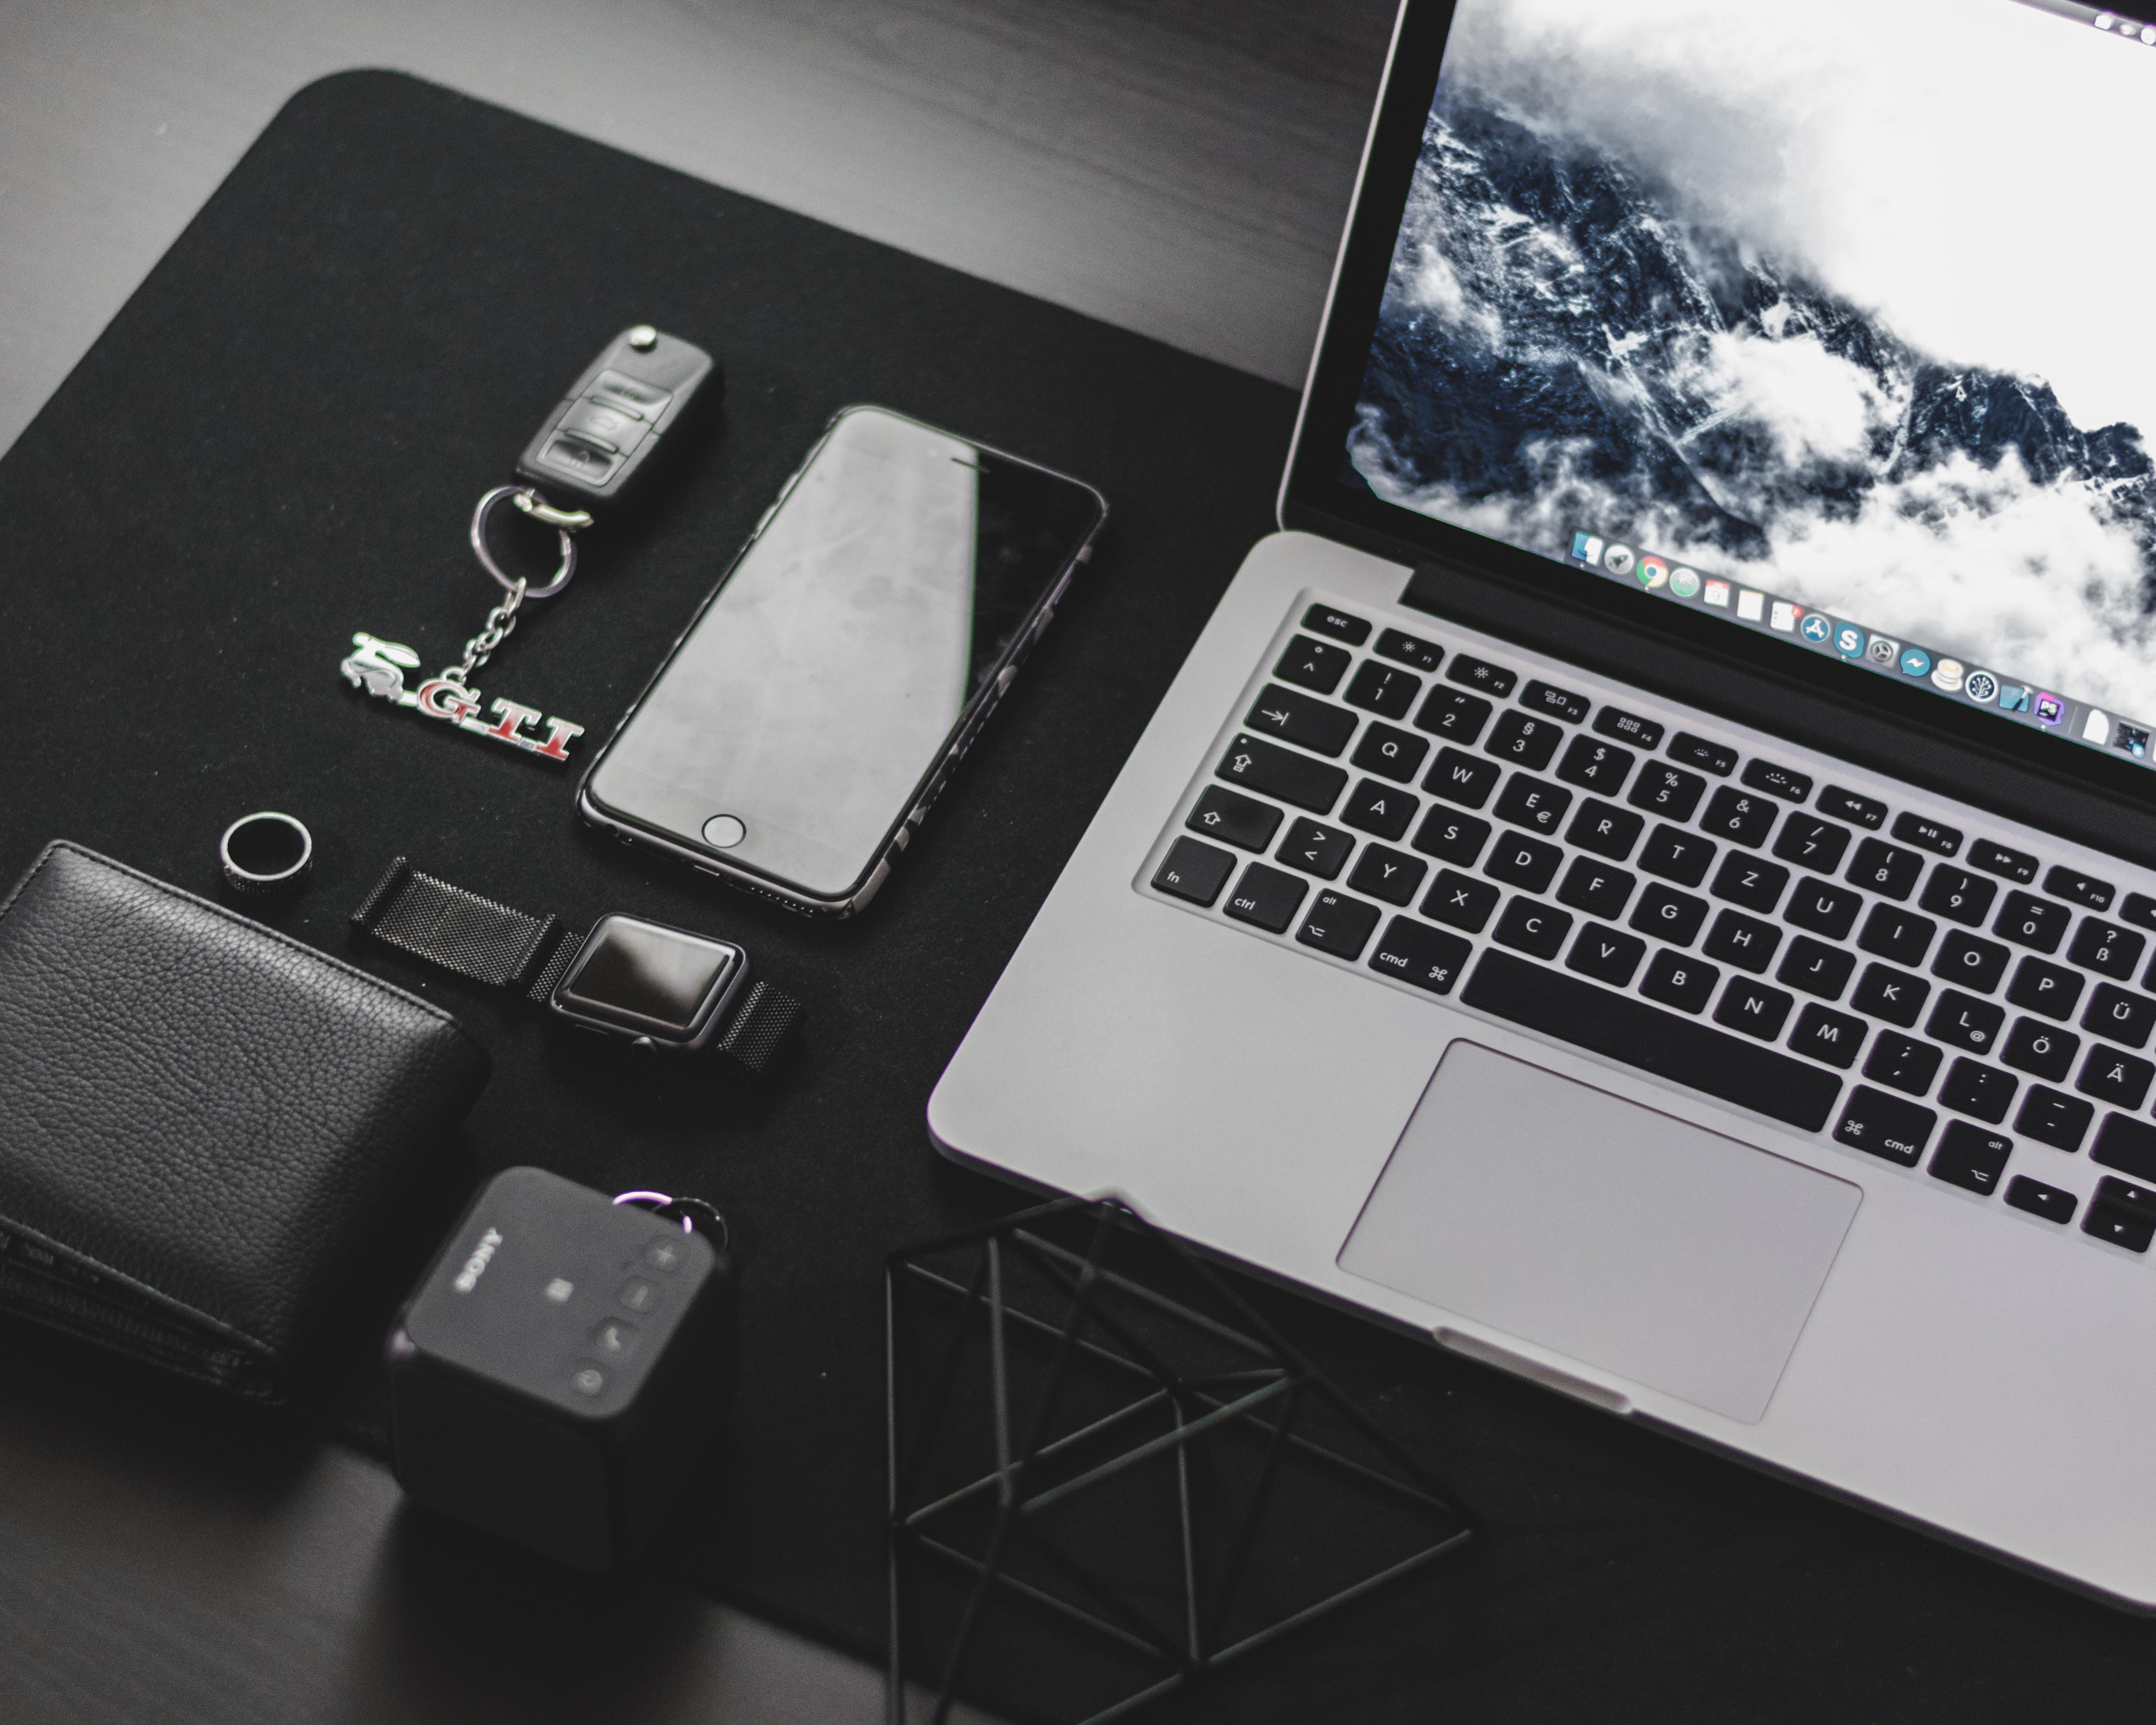 MacBook Pro on top of desk